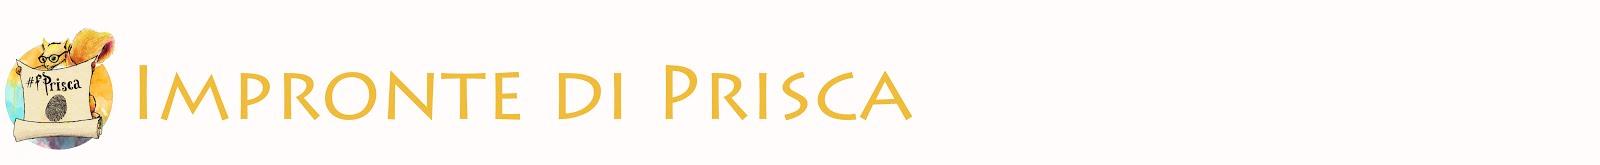 Impronte di Prisca